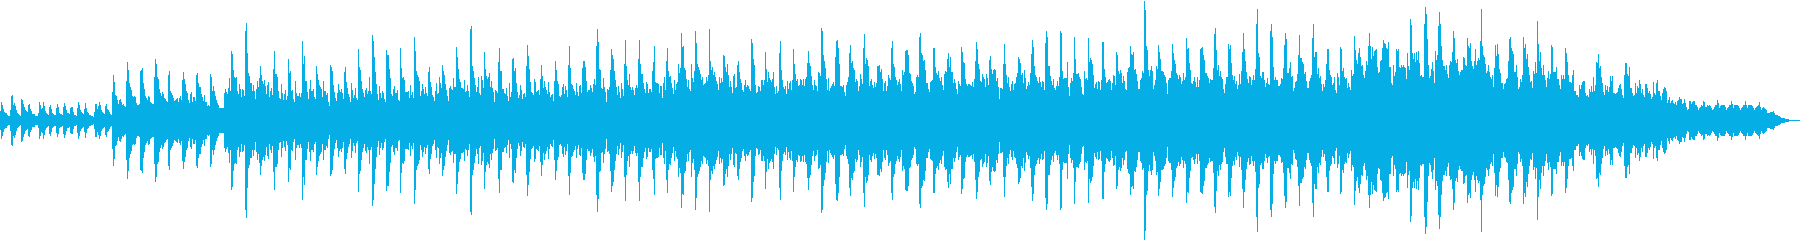 ノスタルジックな感じ、ノスタルジッ...の再生済みの波形